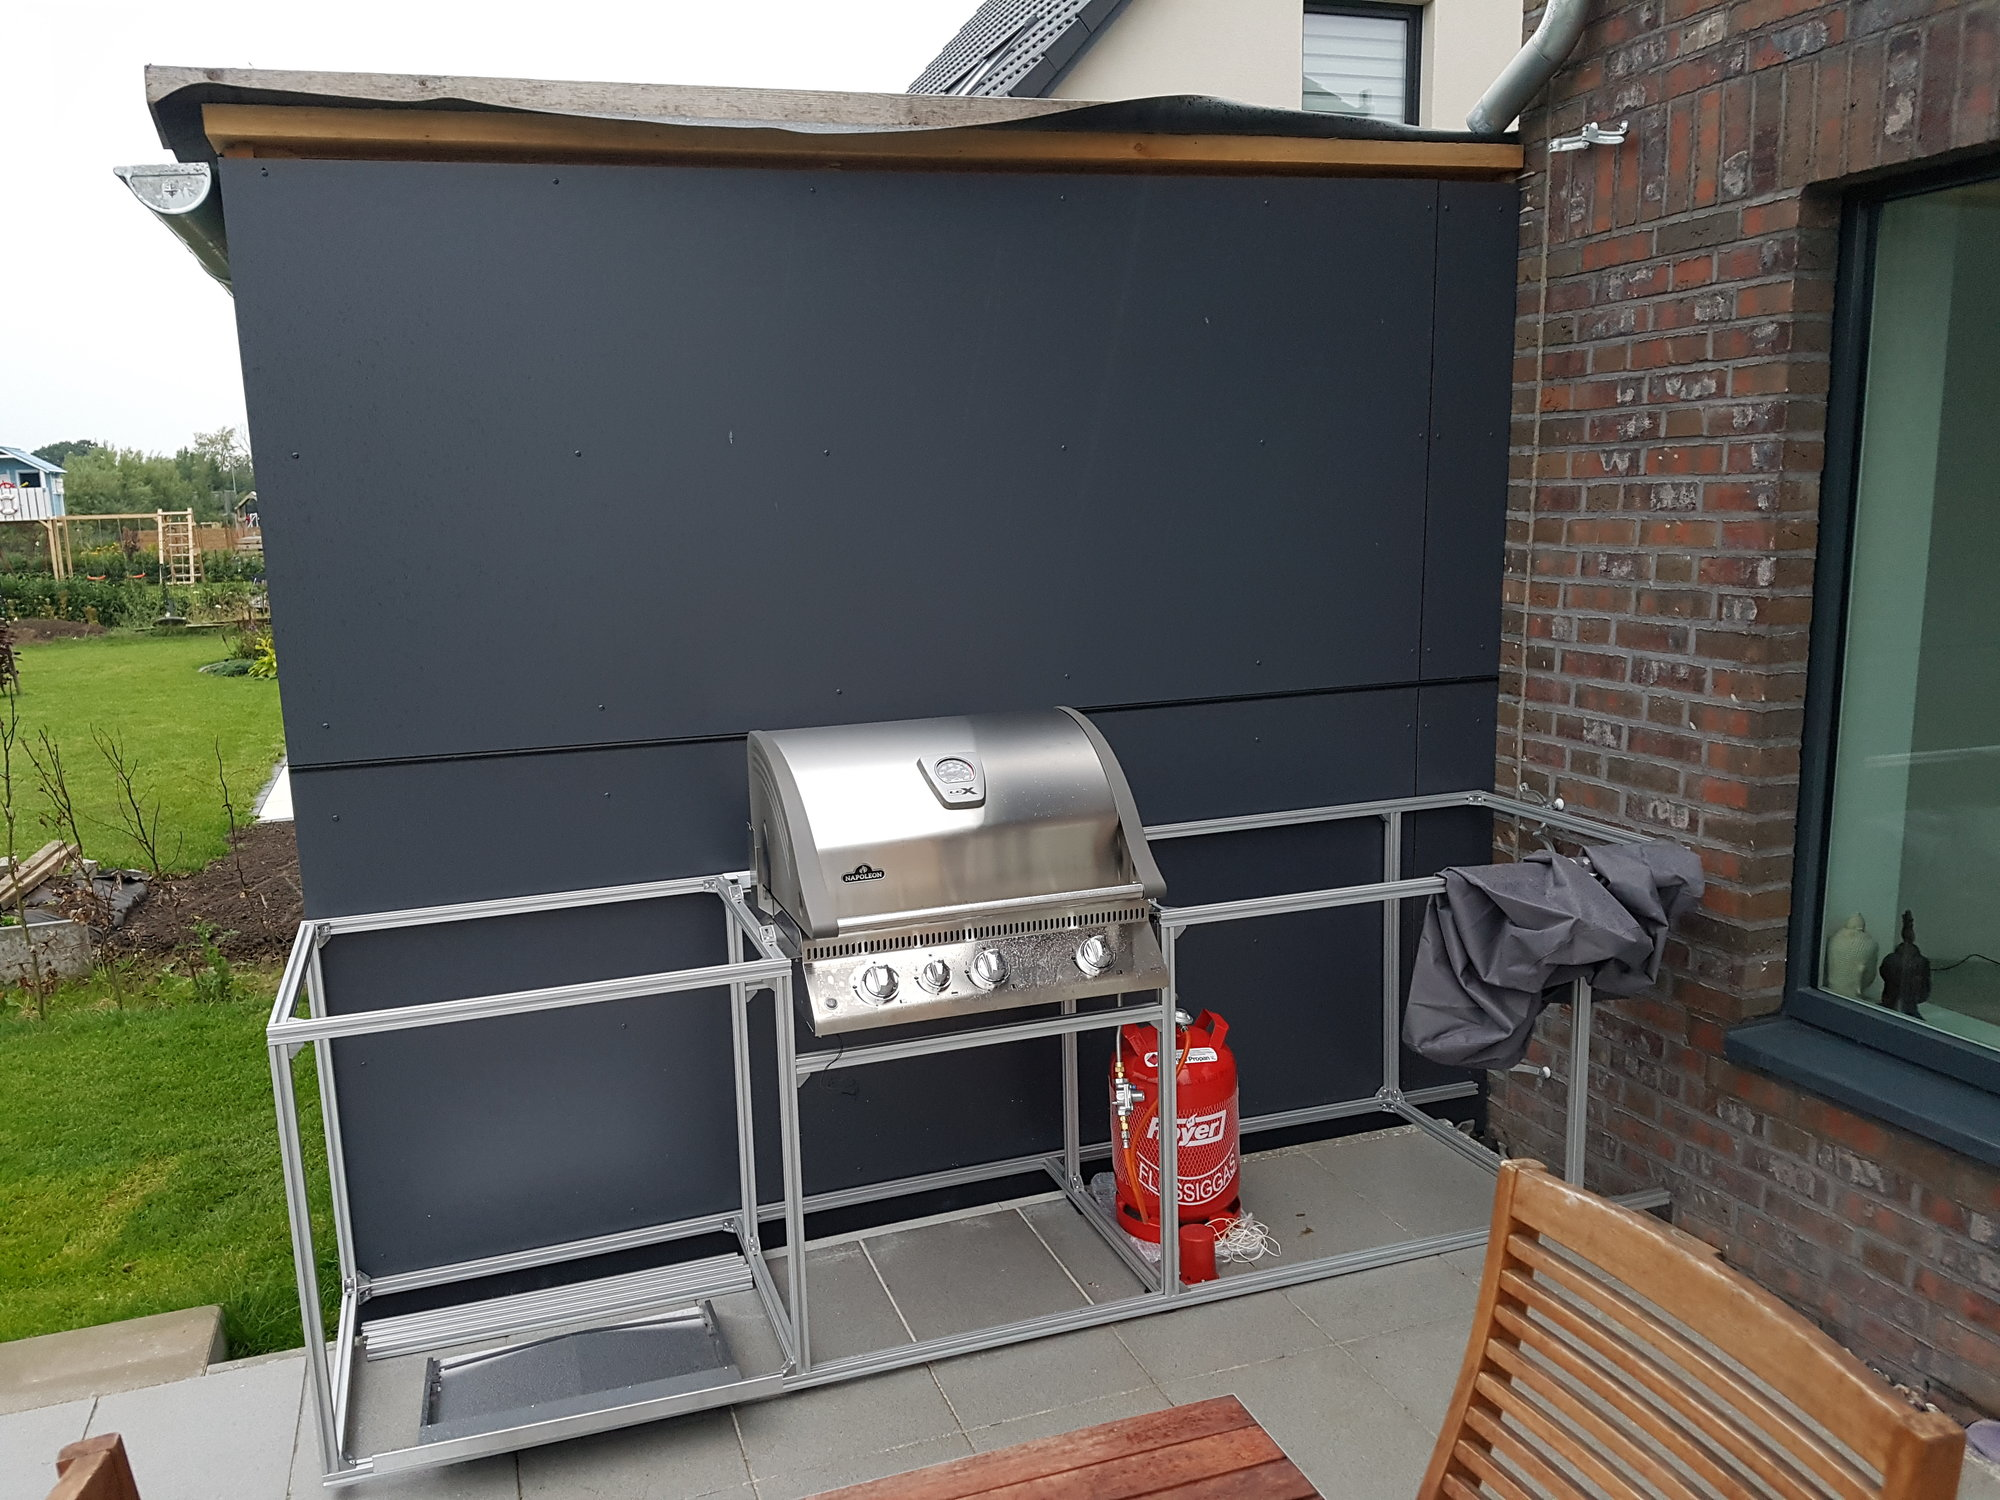 Außenküche Selber Bauen Unterkonstruktion : Grill selber bauen einfach flashsms